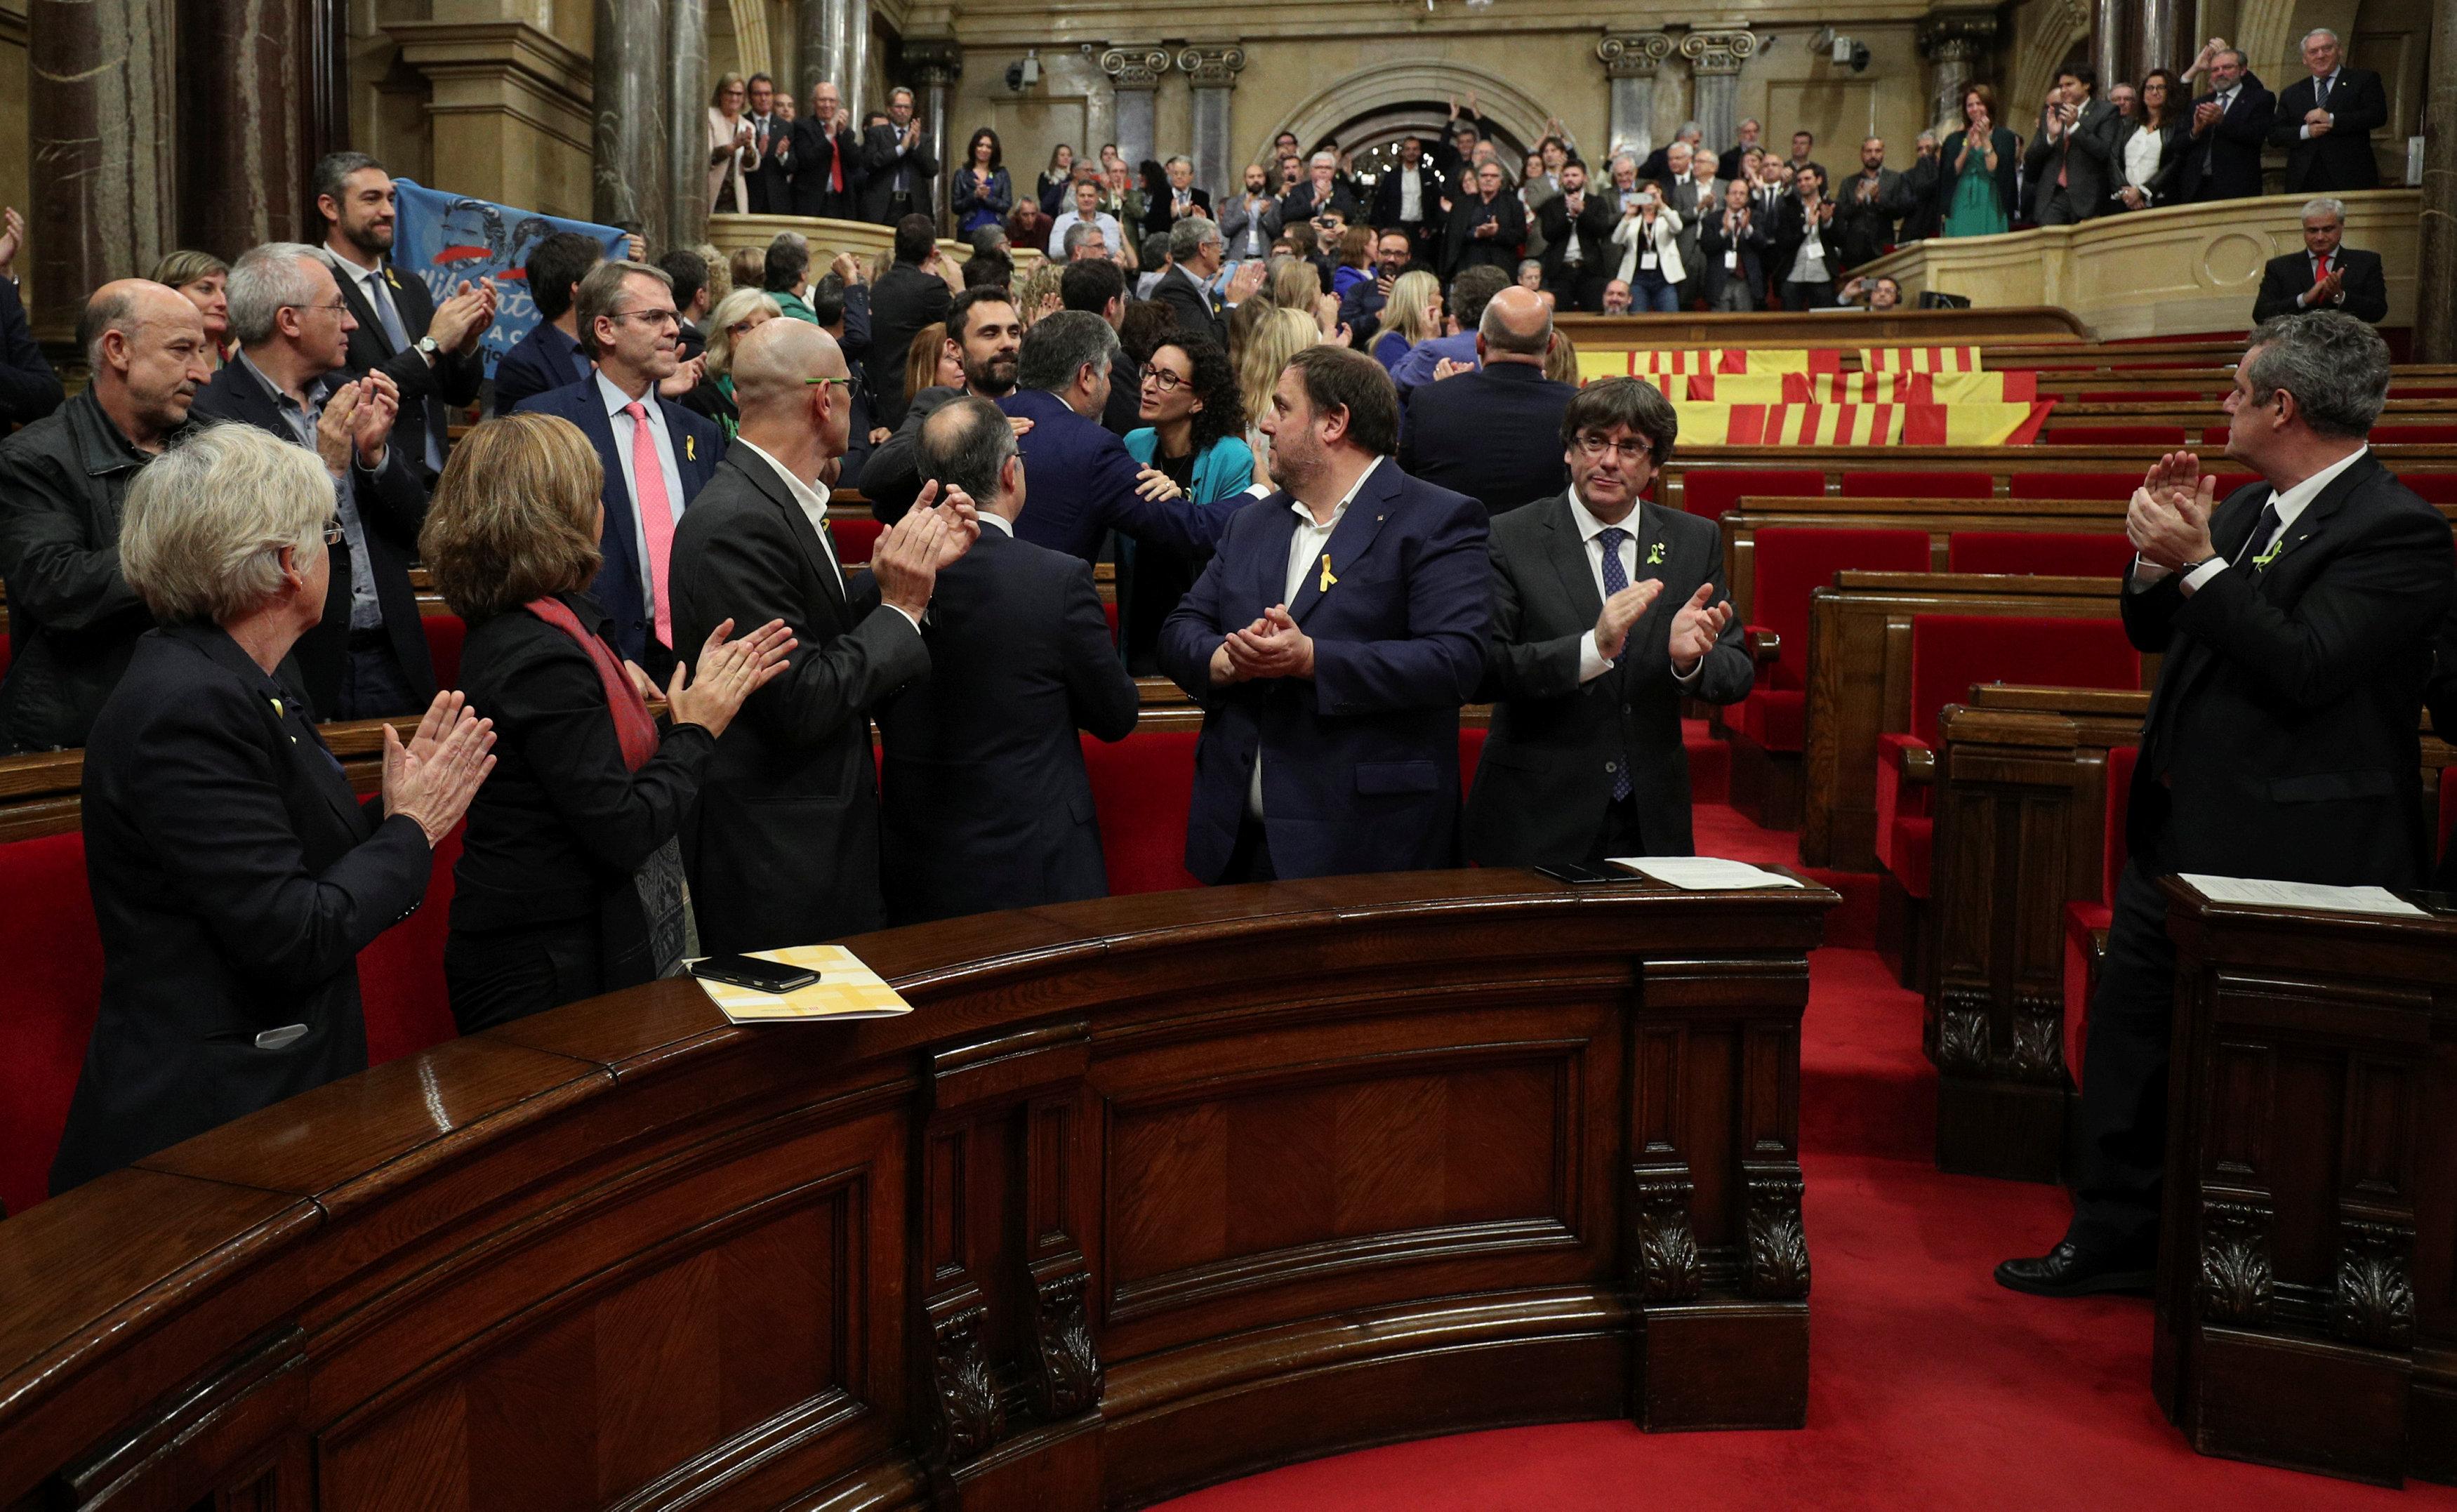 2017 10 27T133739Z 998284125 RC1D58E7D590 RTRMADP 3 SPAIN POLITICS CATALONIA